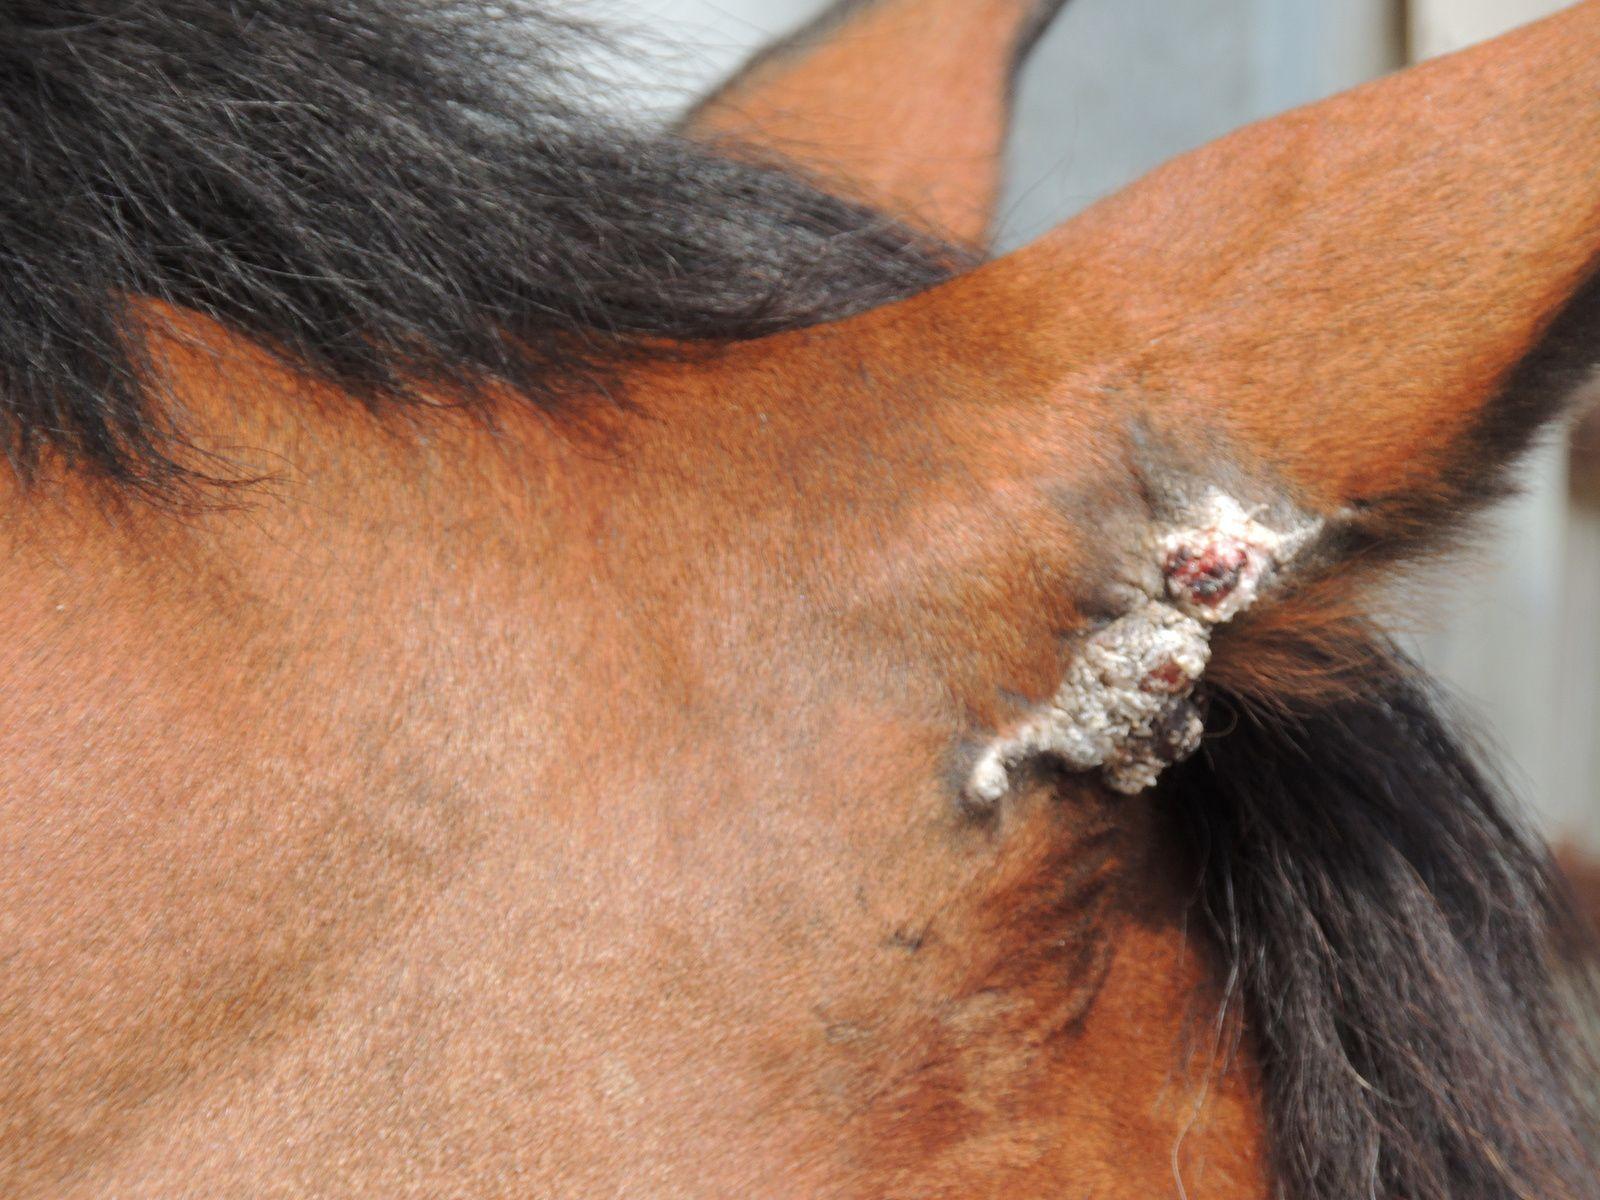 Sarcoïde au niveau de l'oreille. Techniques d'élevage. Tous droits réservés